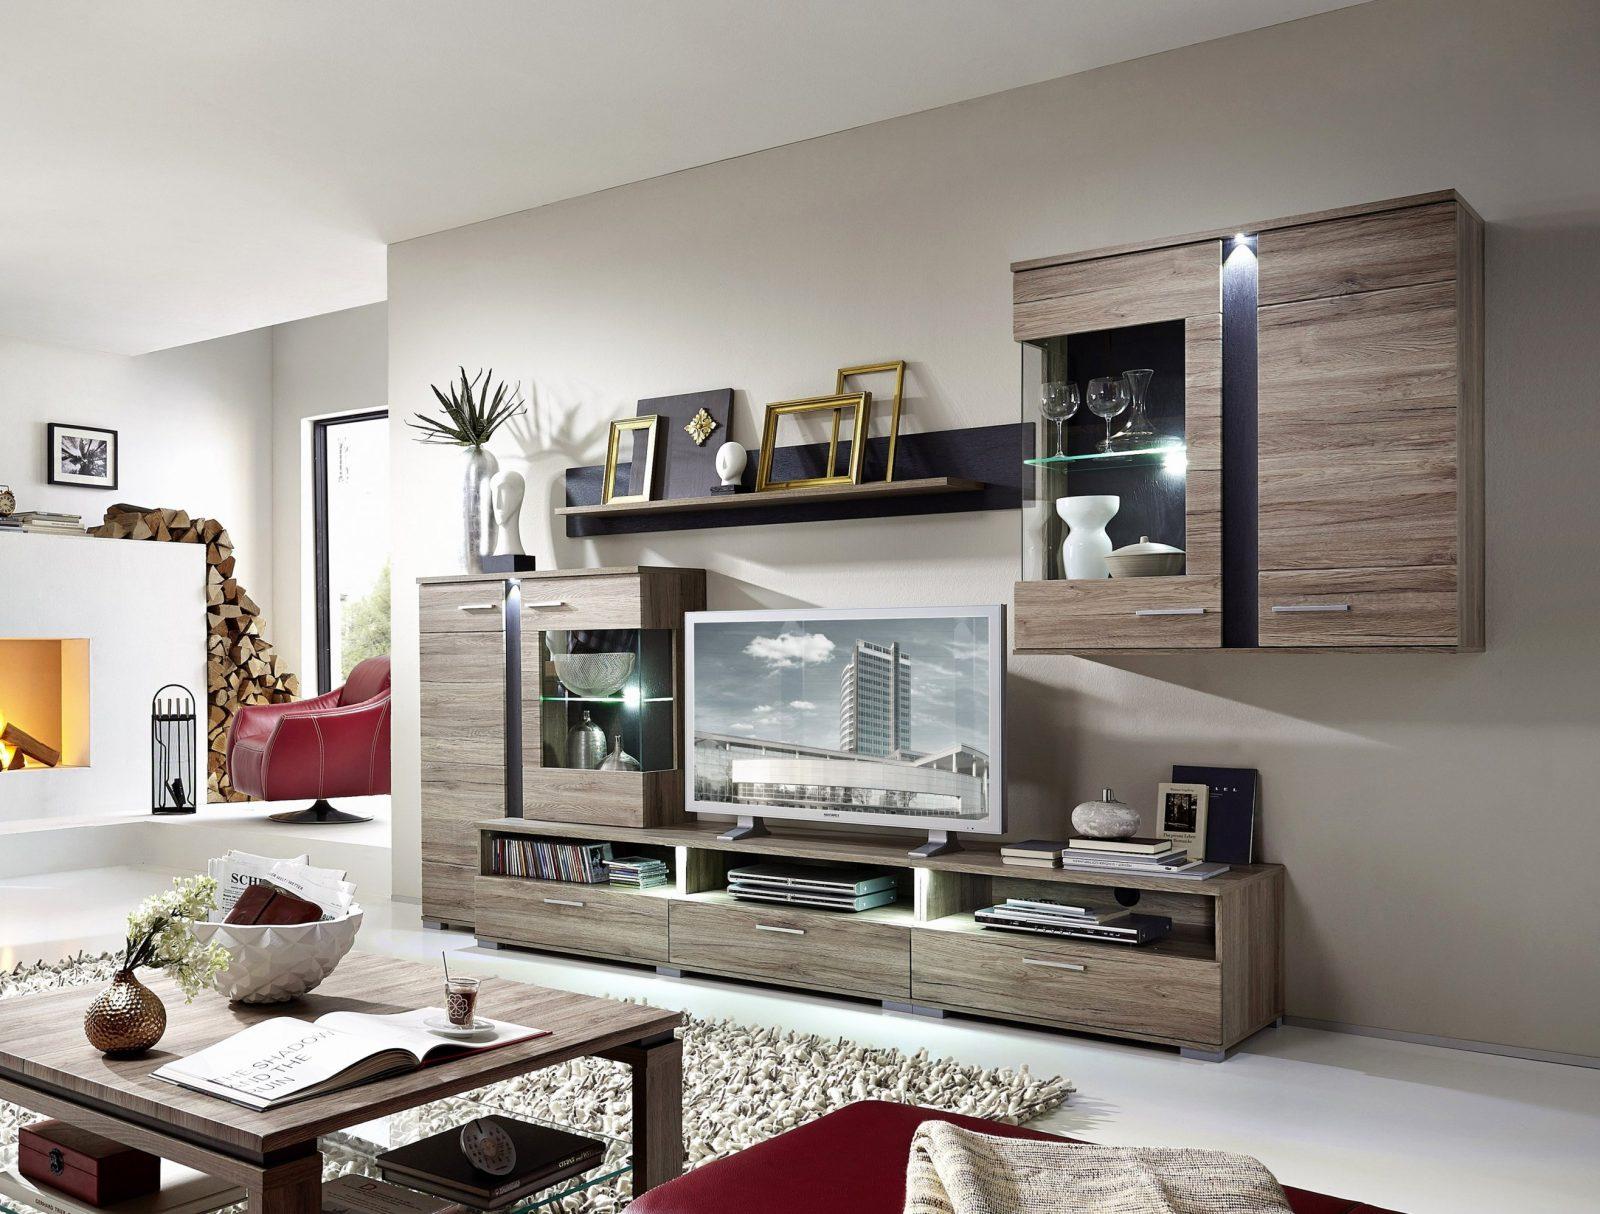 Welche Wandfarbe Passt Zu Grauen Möbeln Neu Wandfarben Wohnzimmer von Welche Wandfarbe Passt Zu Grauen Möbeln Photo